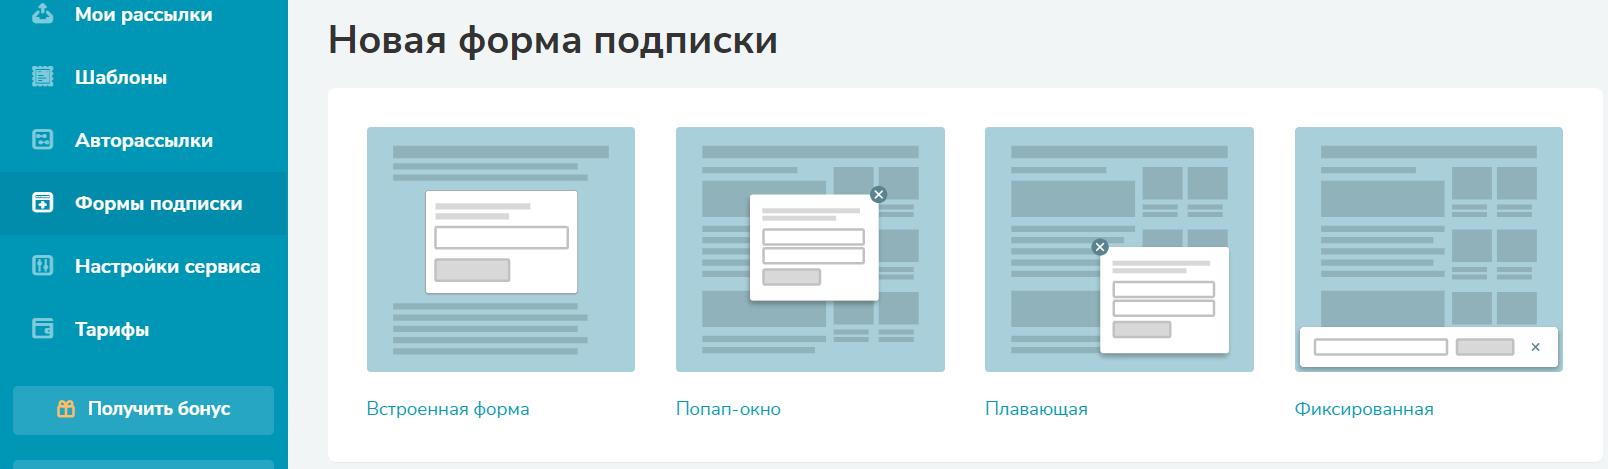 бесплатная email рассылка в сендпульсе новая форма подписки